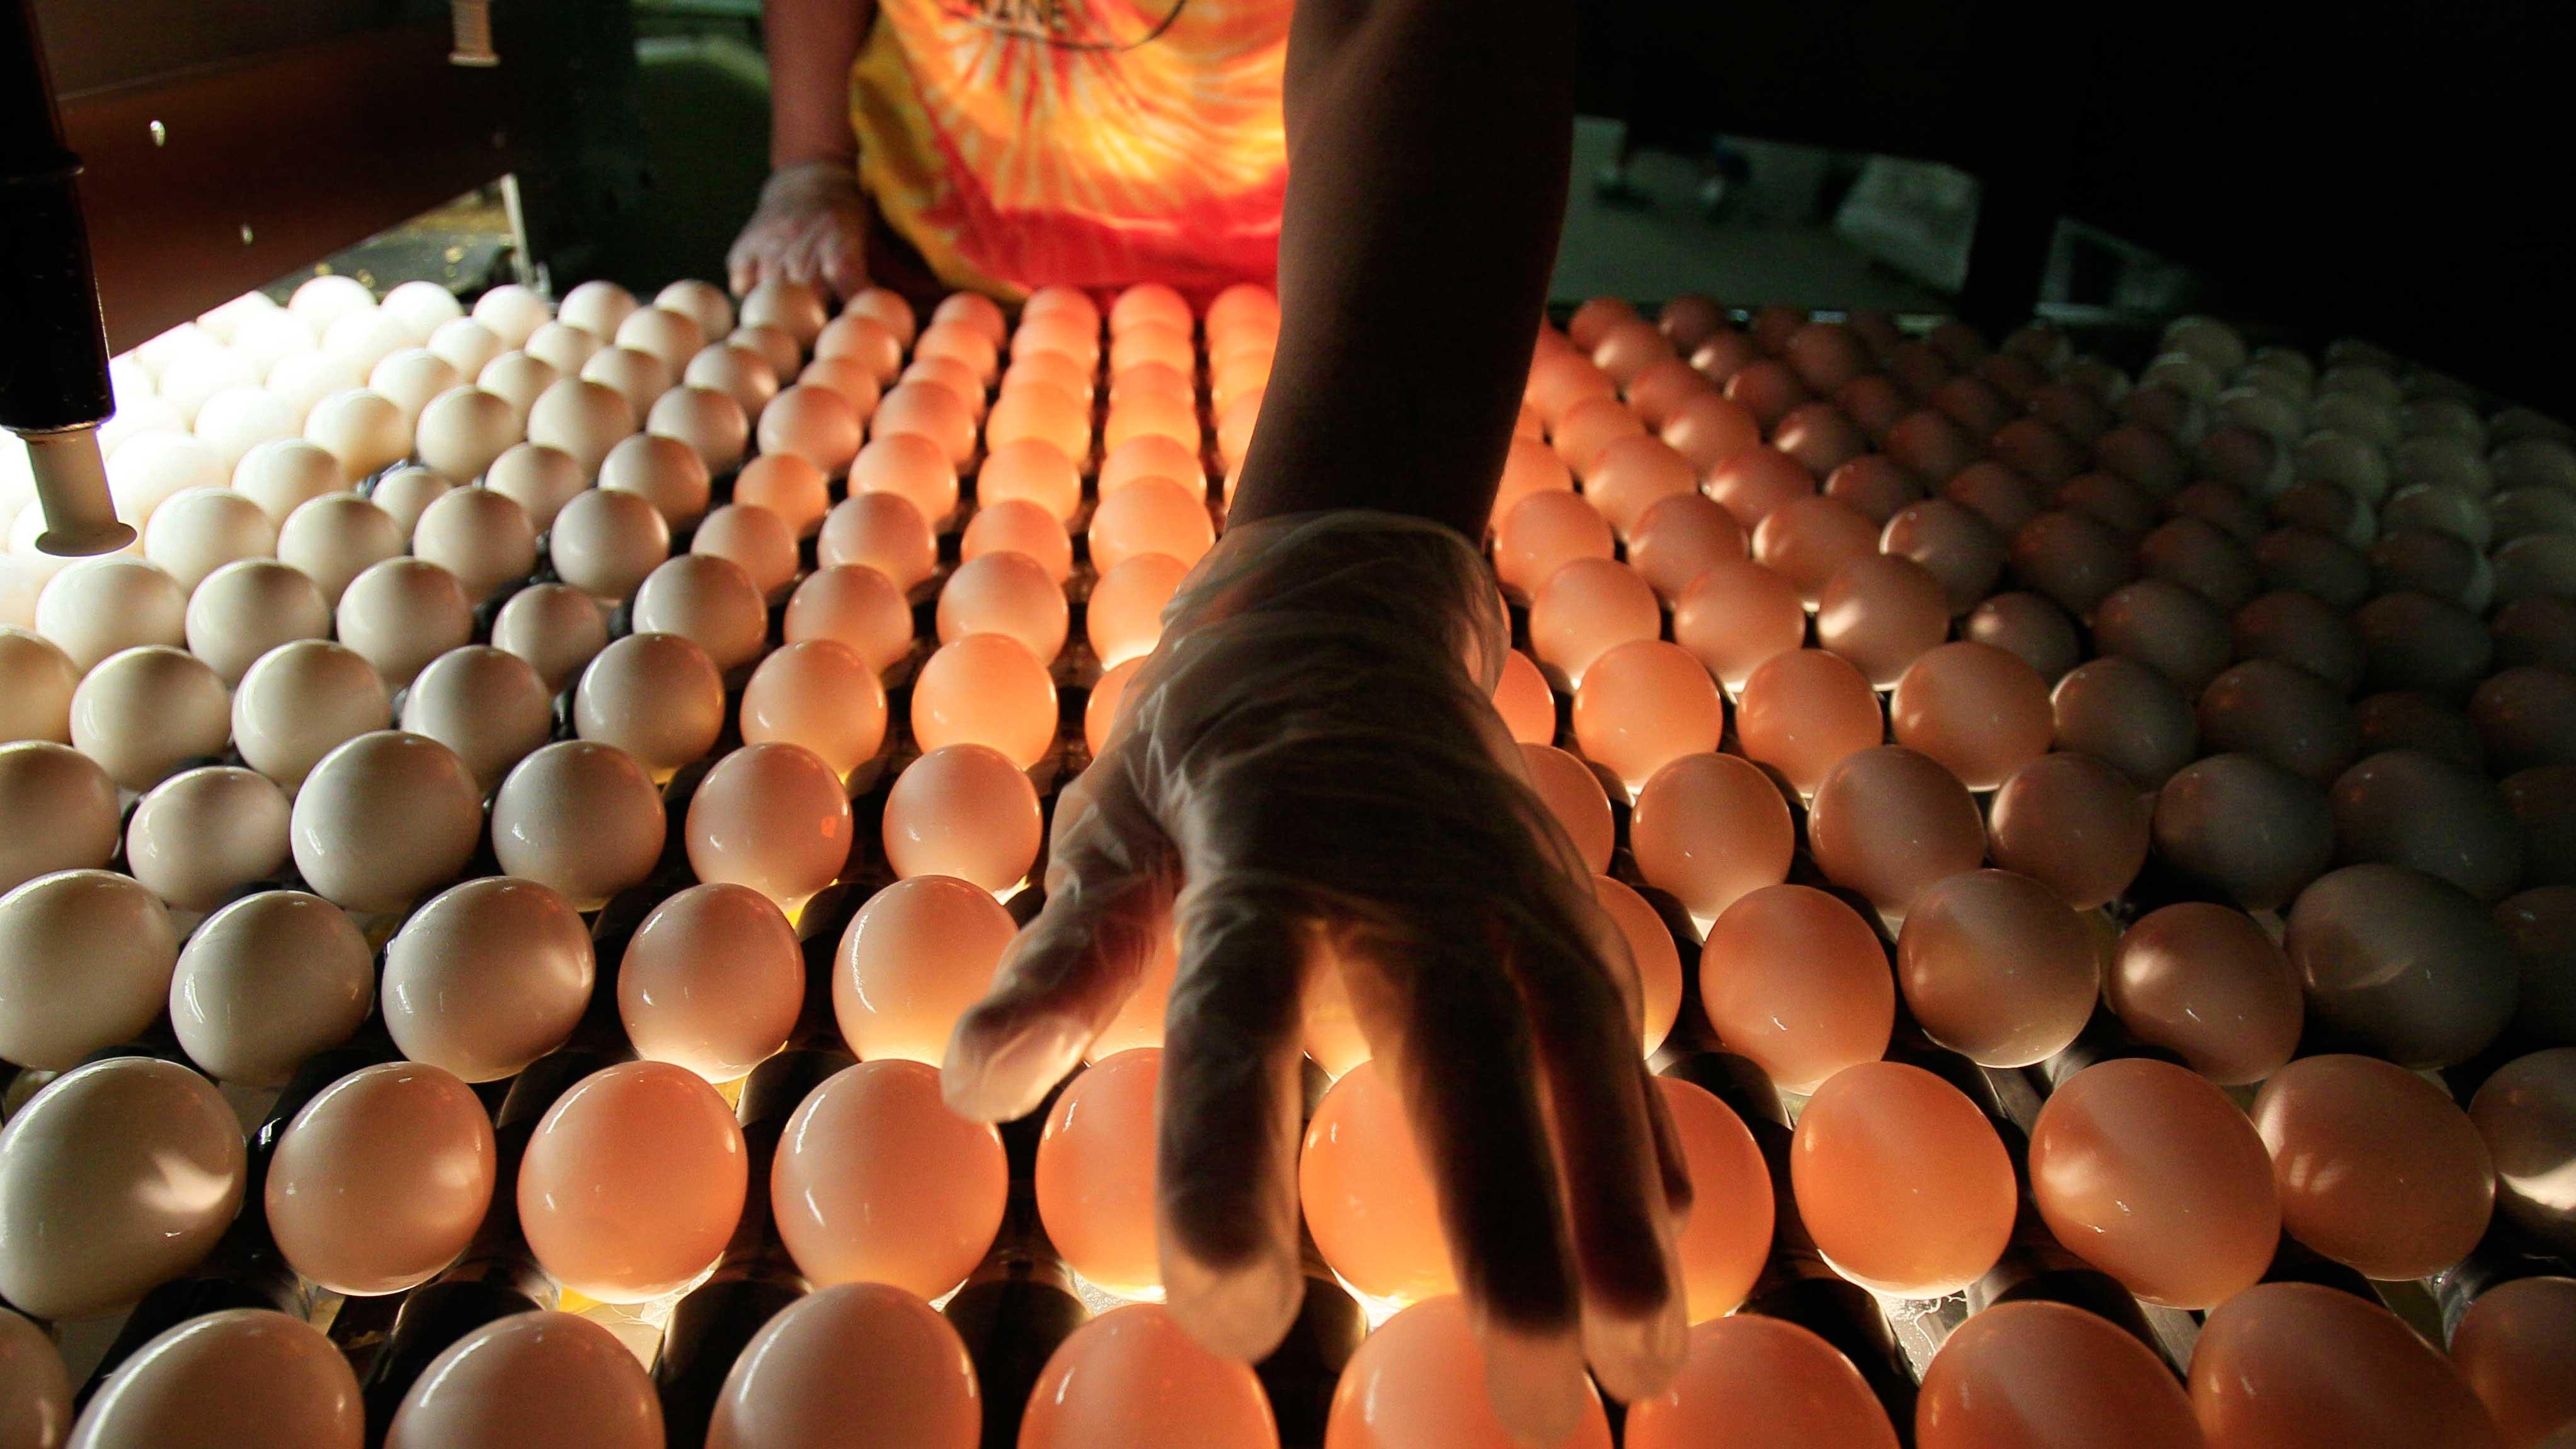 chicken egg prices